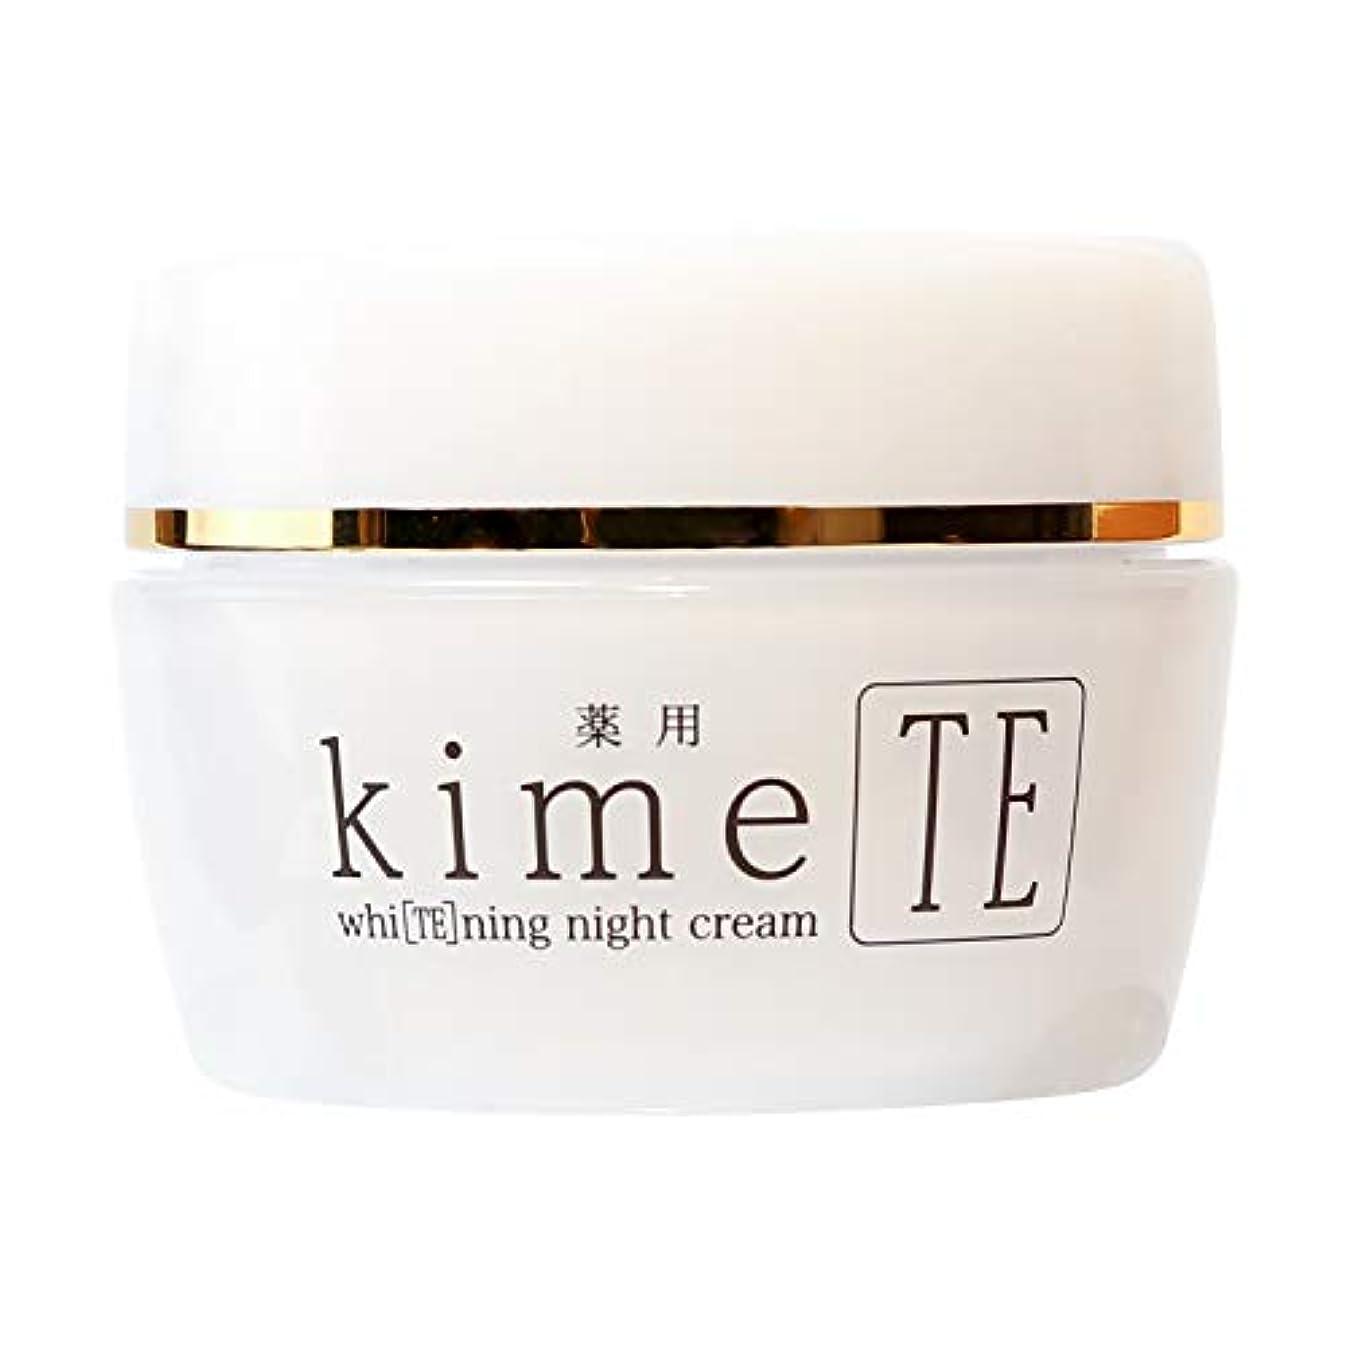 与える正しい翻訳する【スペシャルアプローチ】kimeTE(キメテ)美白 保湿 無添加 ハンドケア 薬用ホワイトニングクリーム